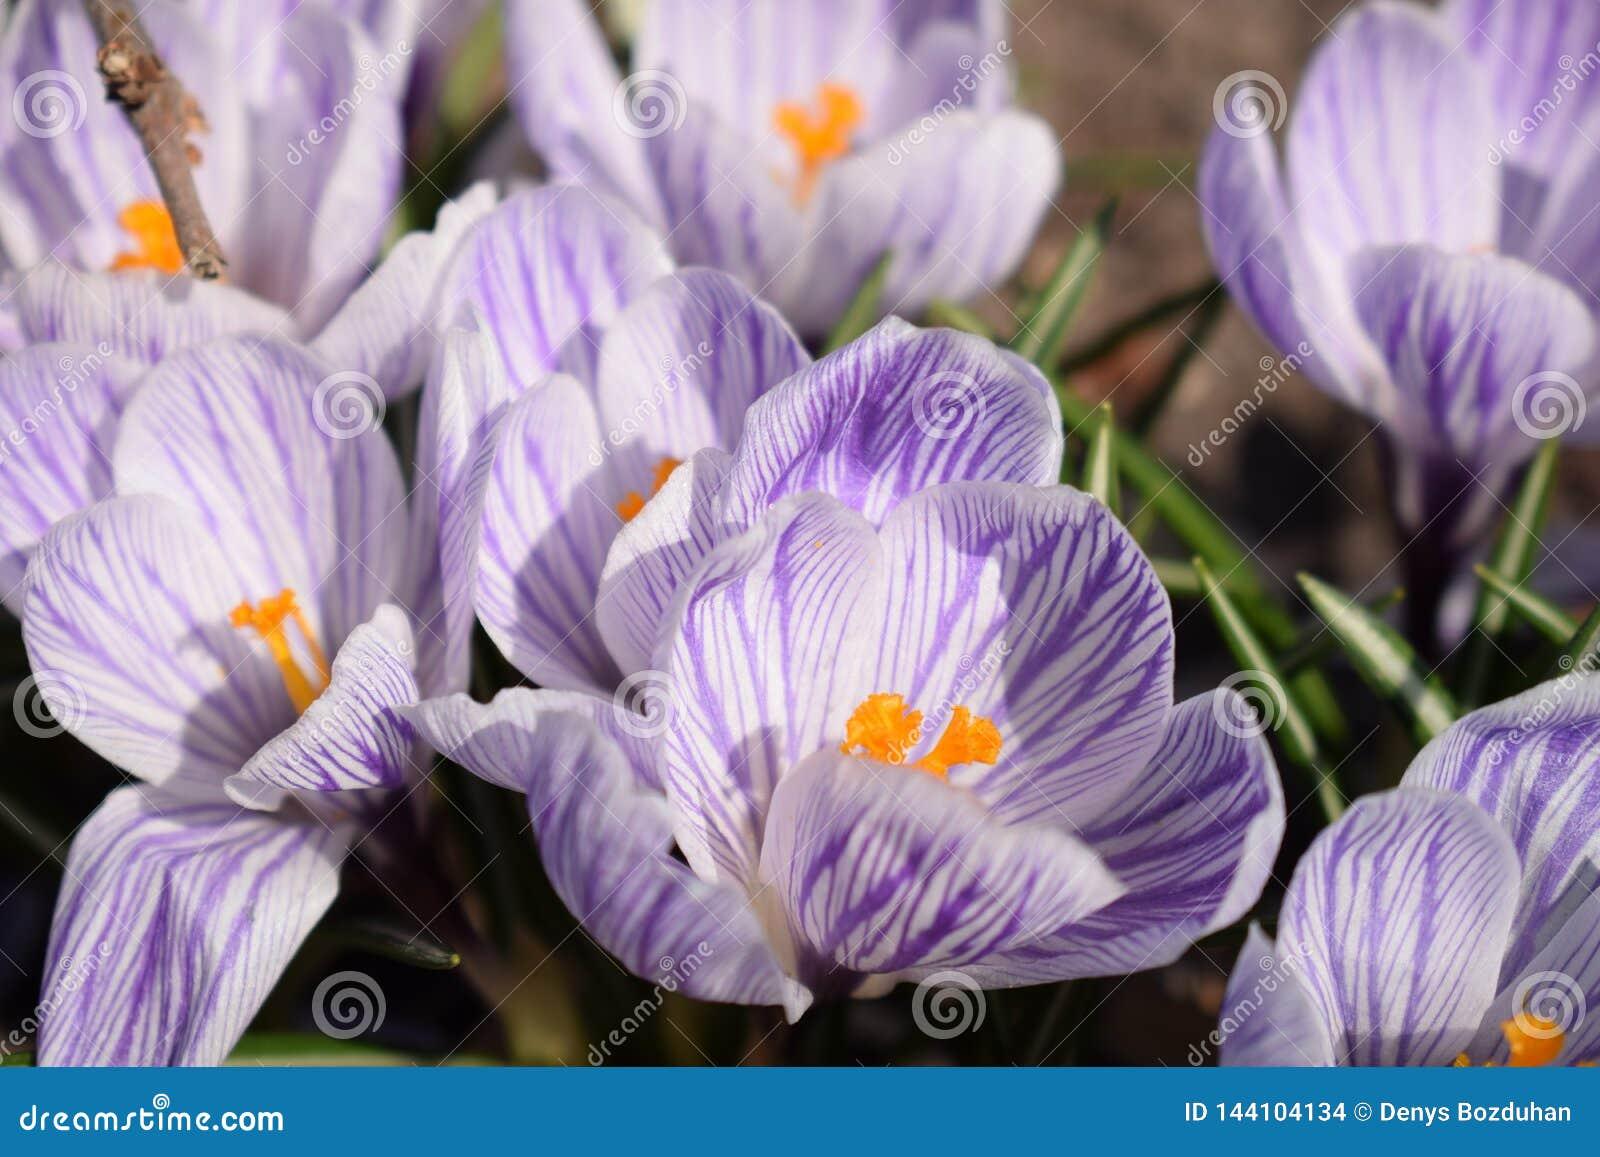 花卉生长番红花在一个公园在一个晴朗的春日